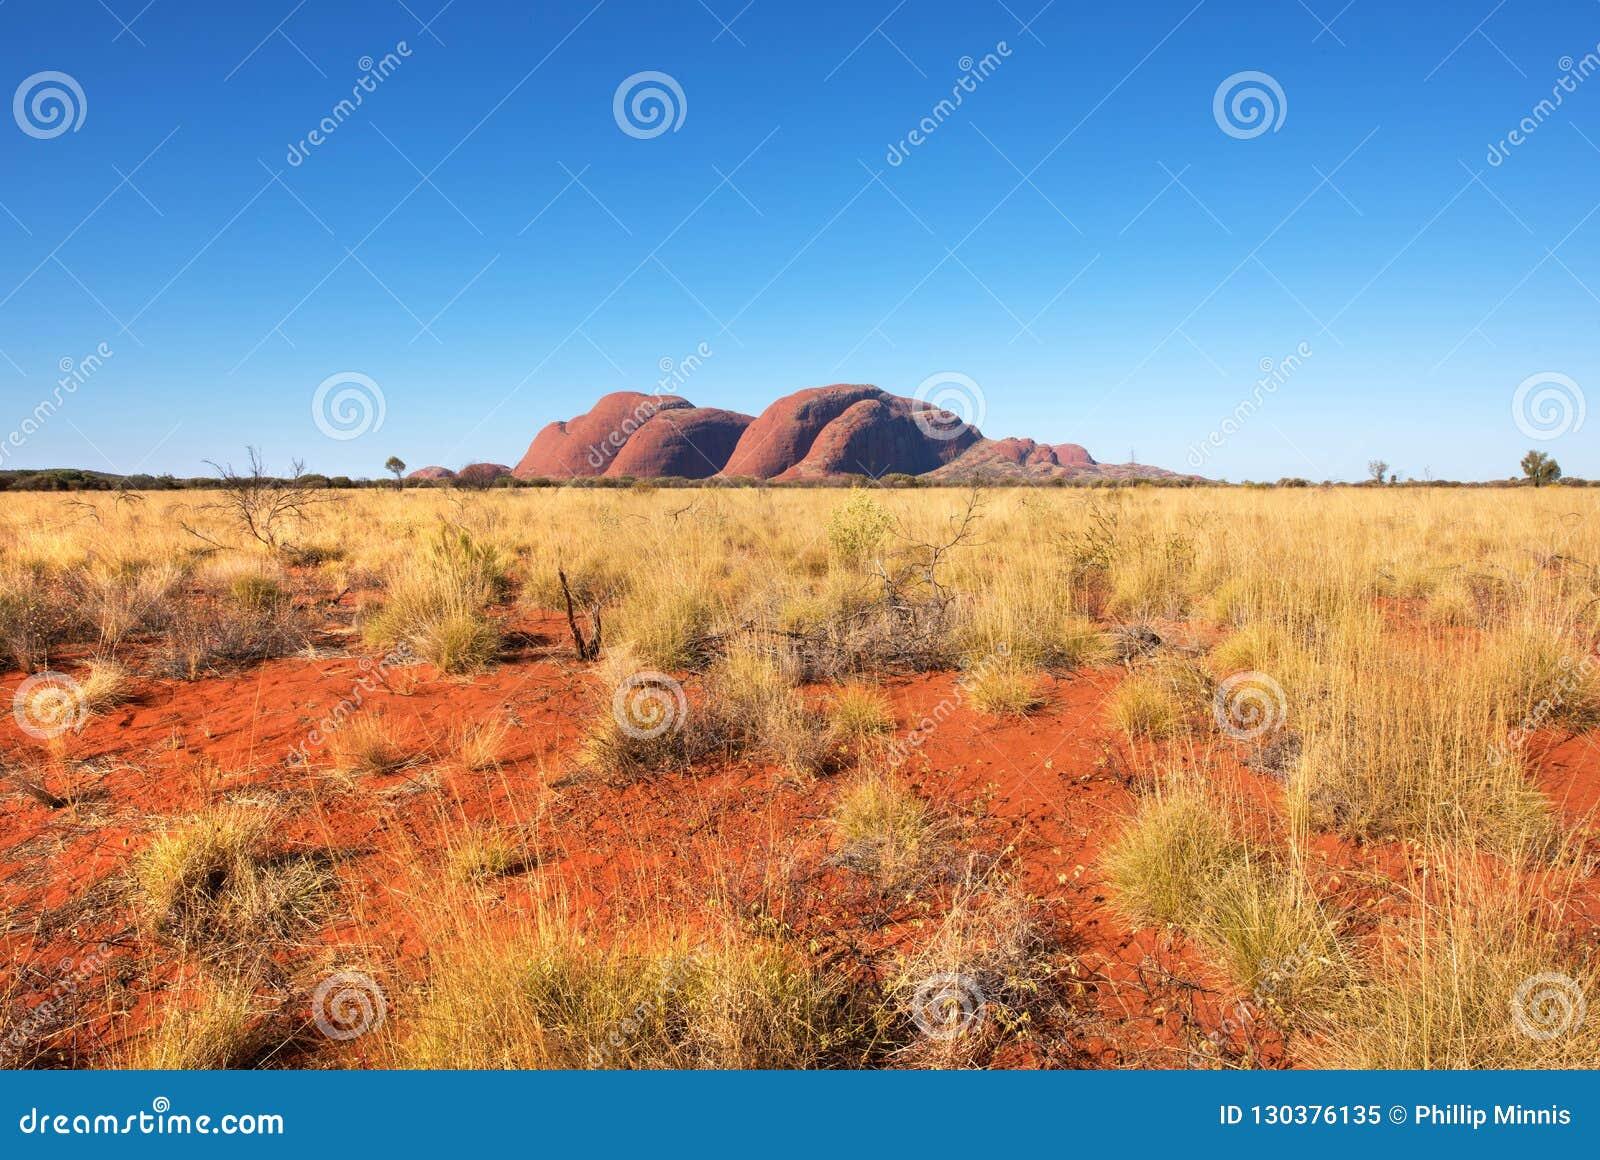 Kata Tjuta Olgas, Noordelijk Grondgebied, Australië